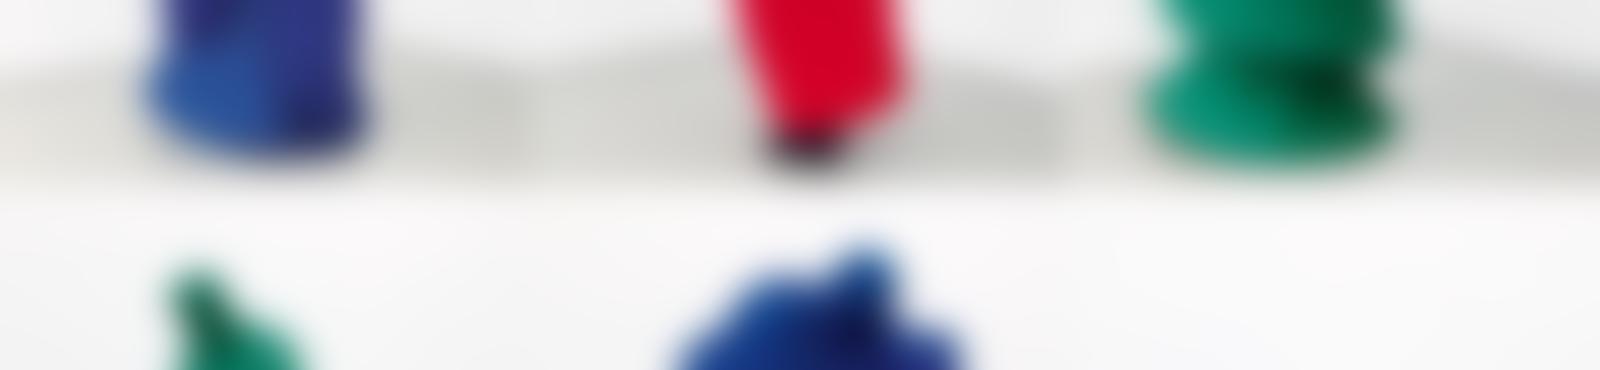 Blurred 88275132 4e88 4dfe 8ca0 ea8c48a41d11